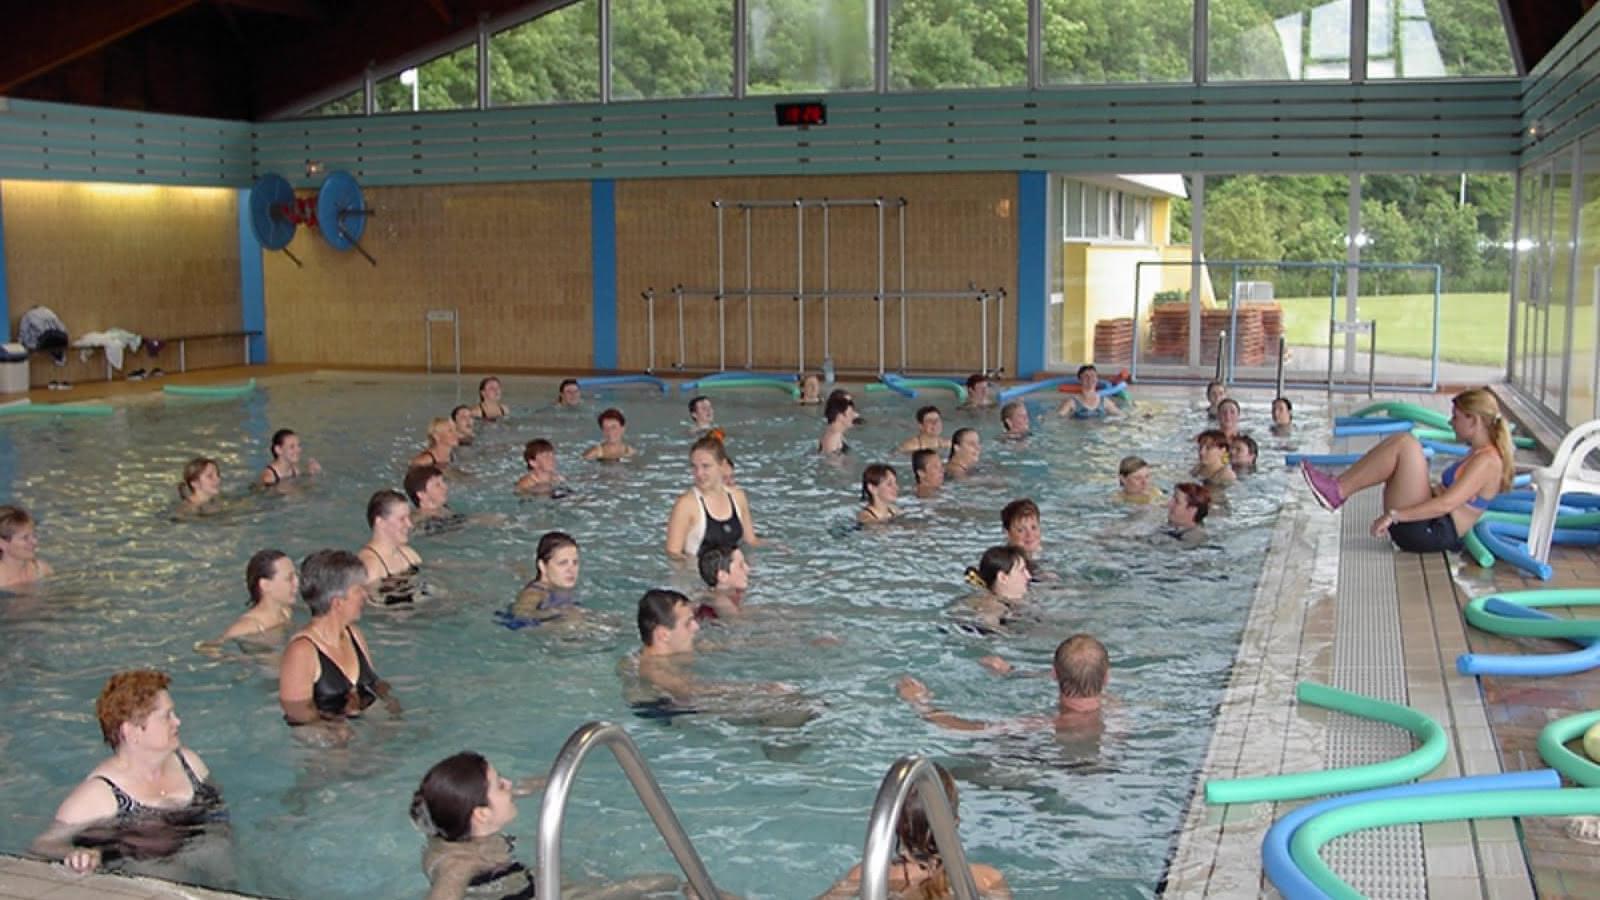 Indoor Pool - Mutzig | Visit Alsace concernant Piscine Mutzig